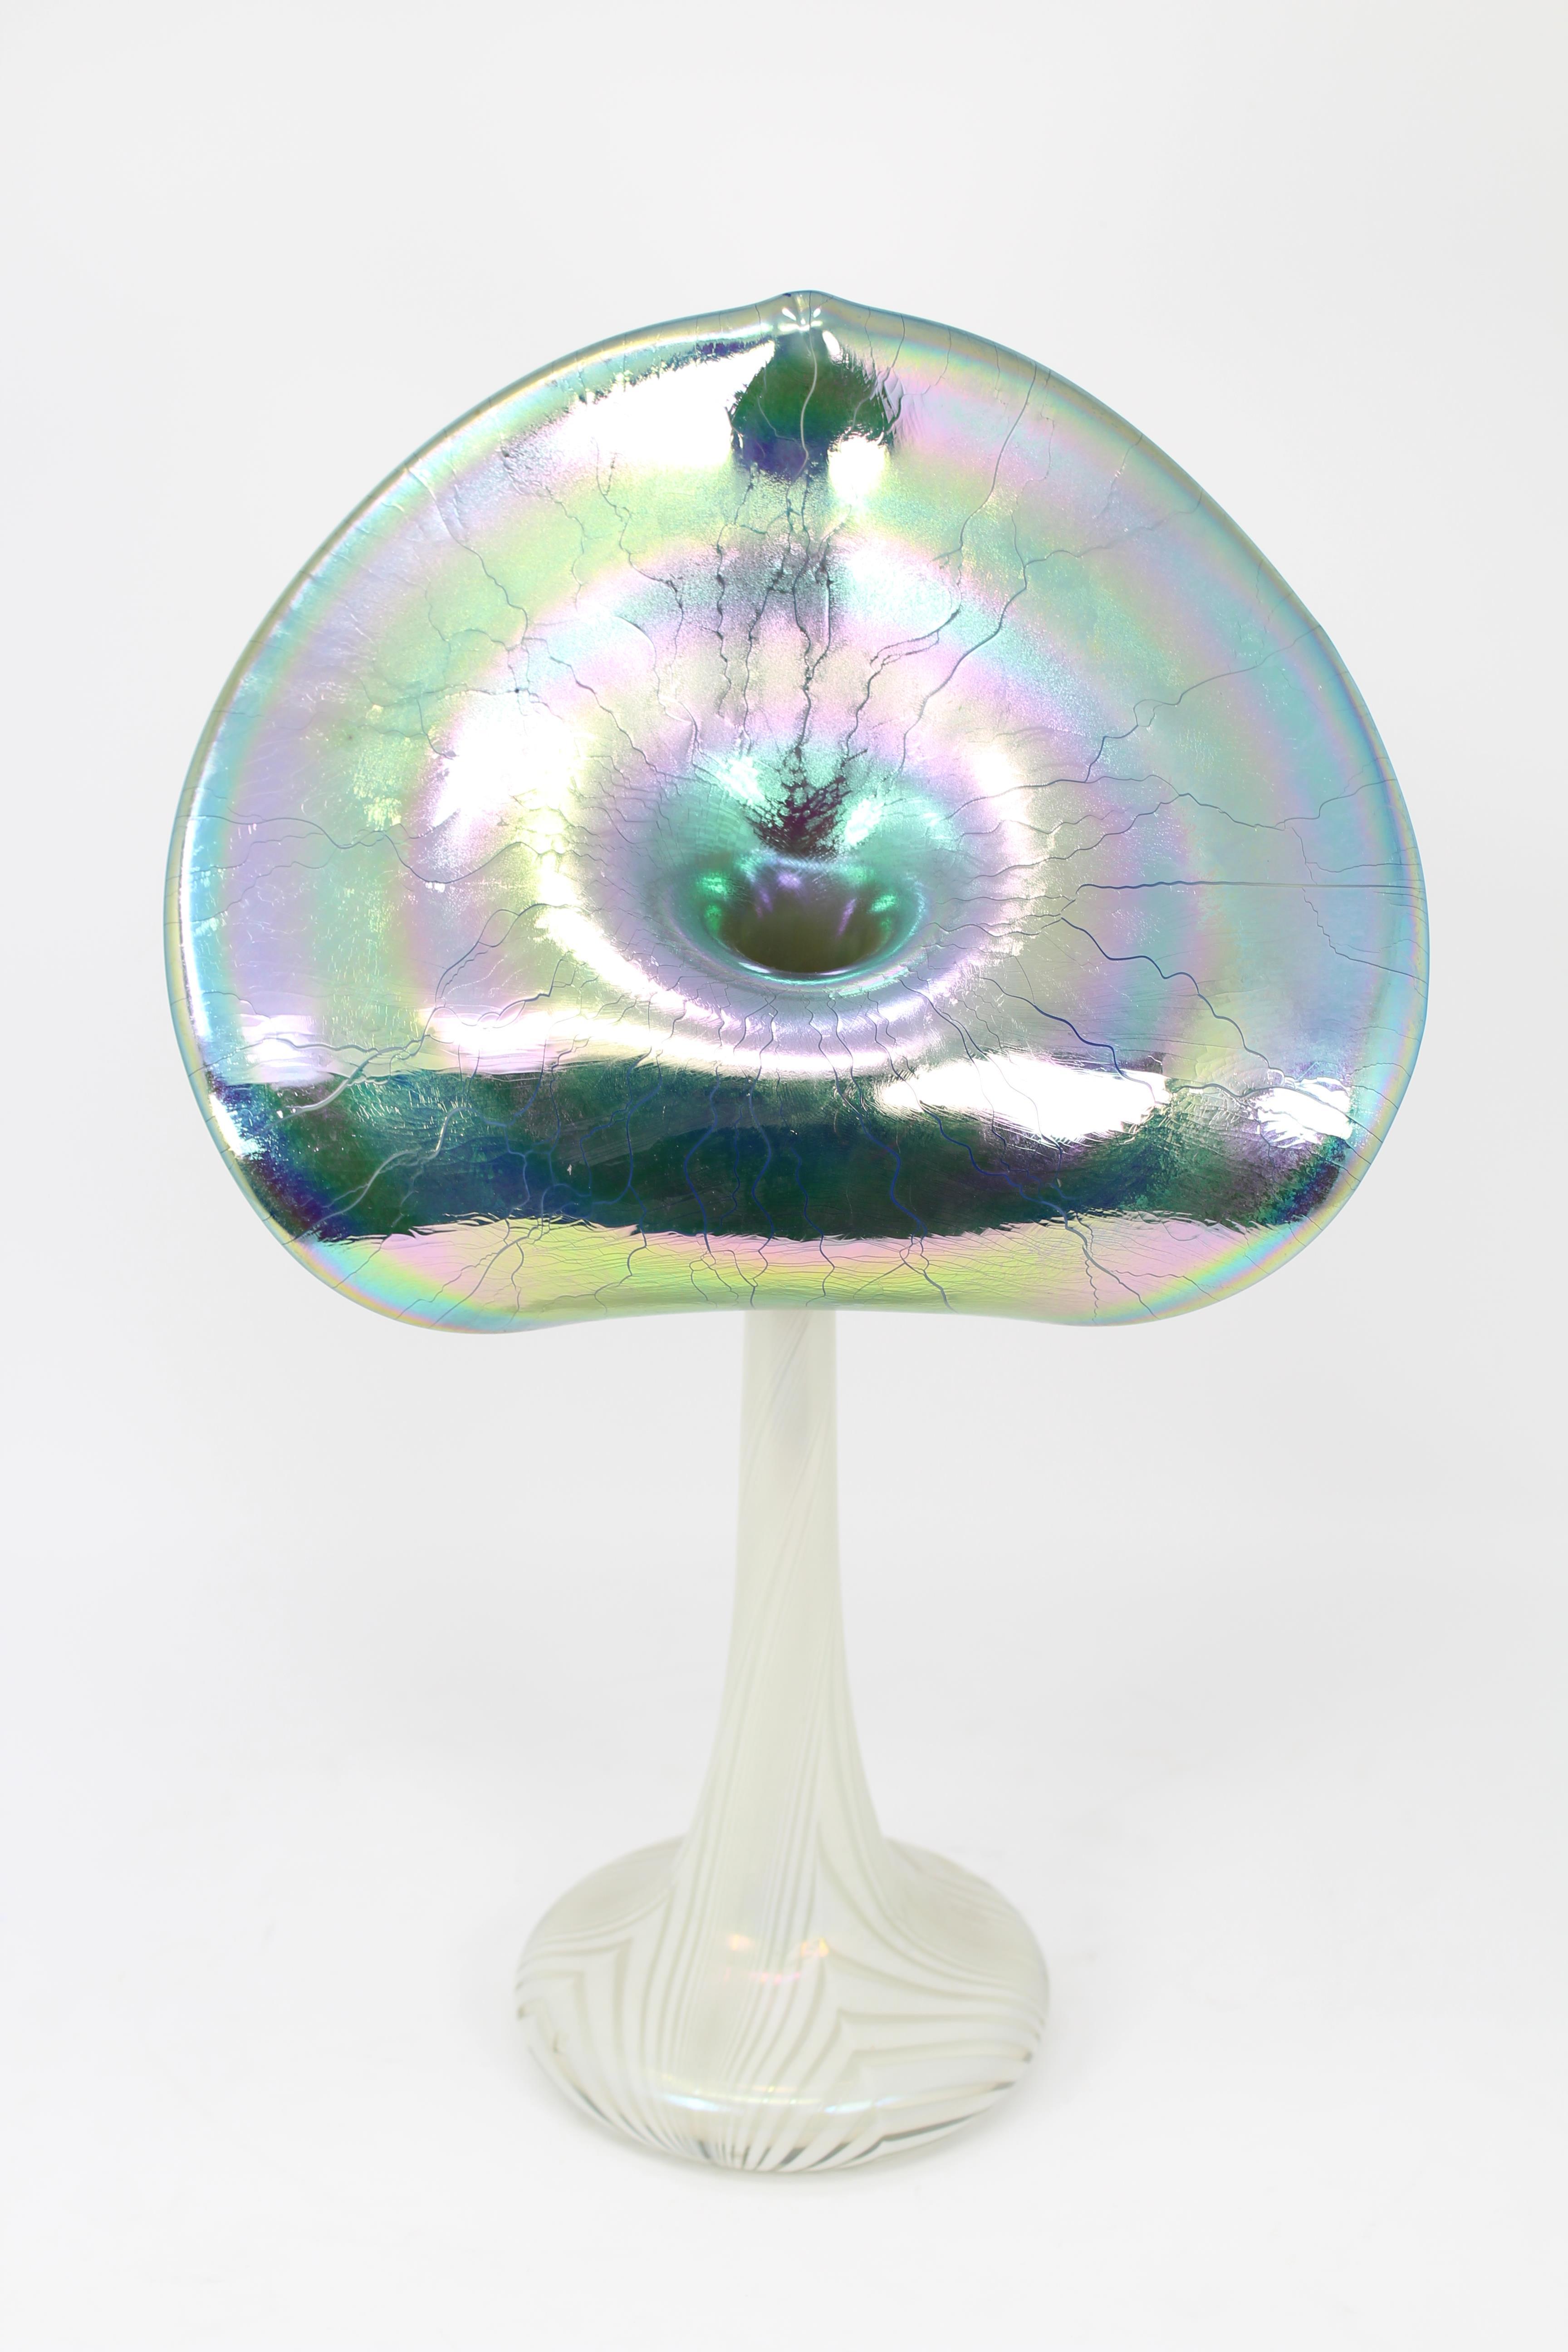 Lot 170 - Signed, Vintage Art Glass Tulip Vase